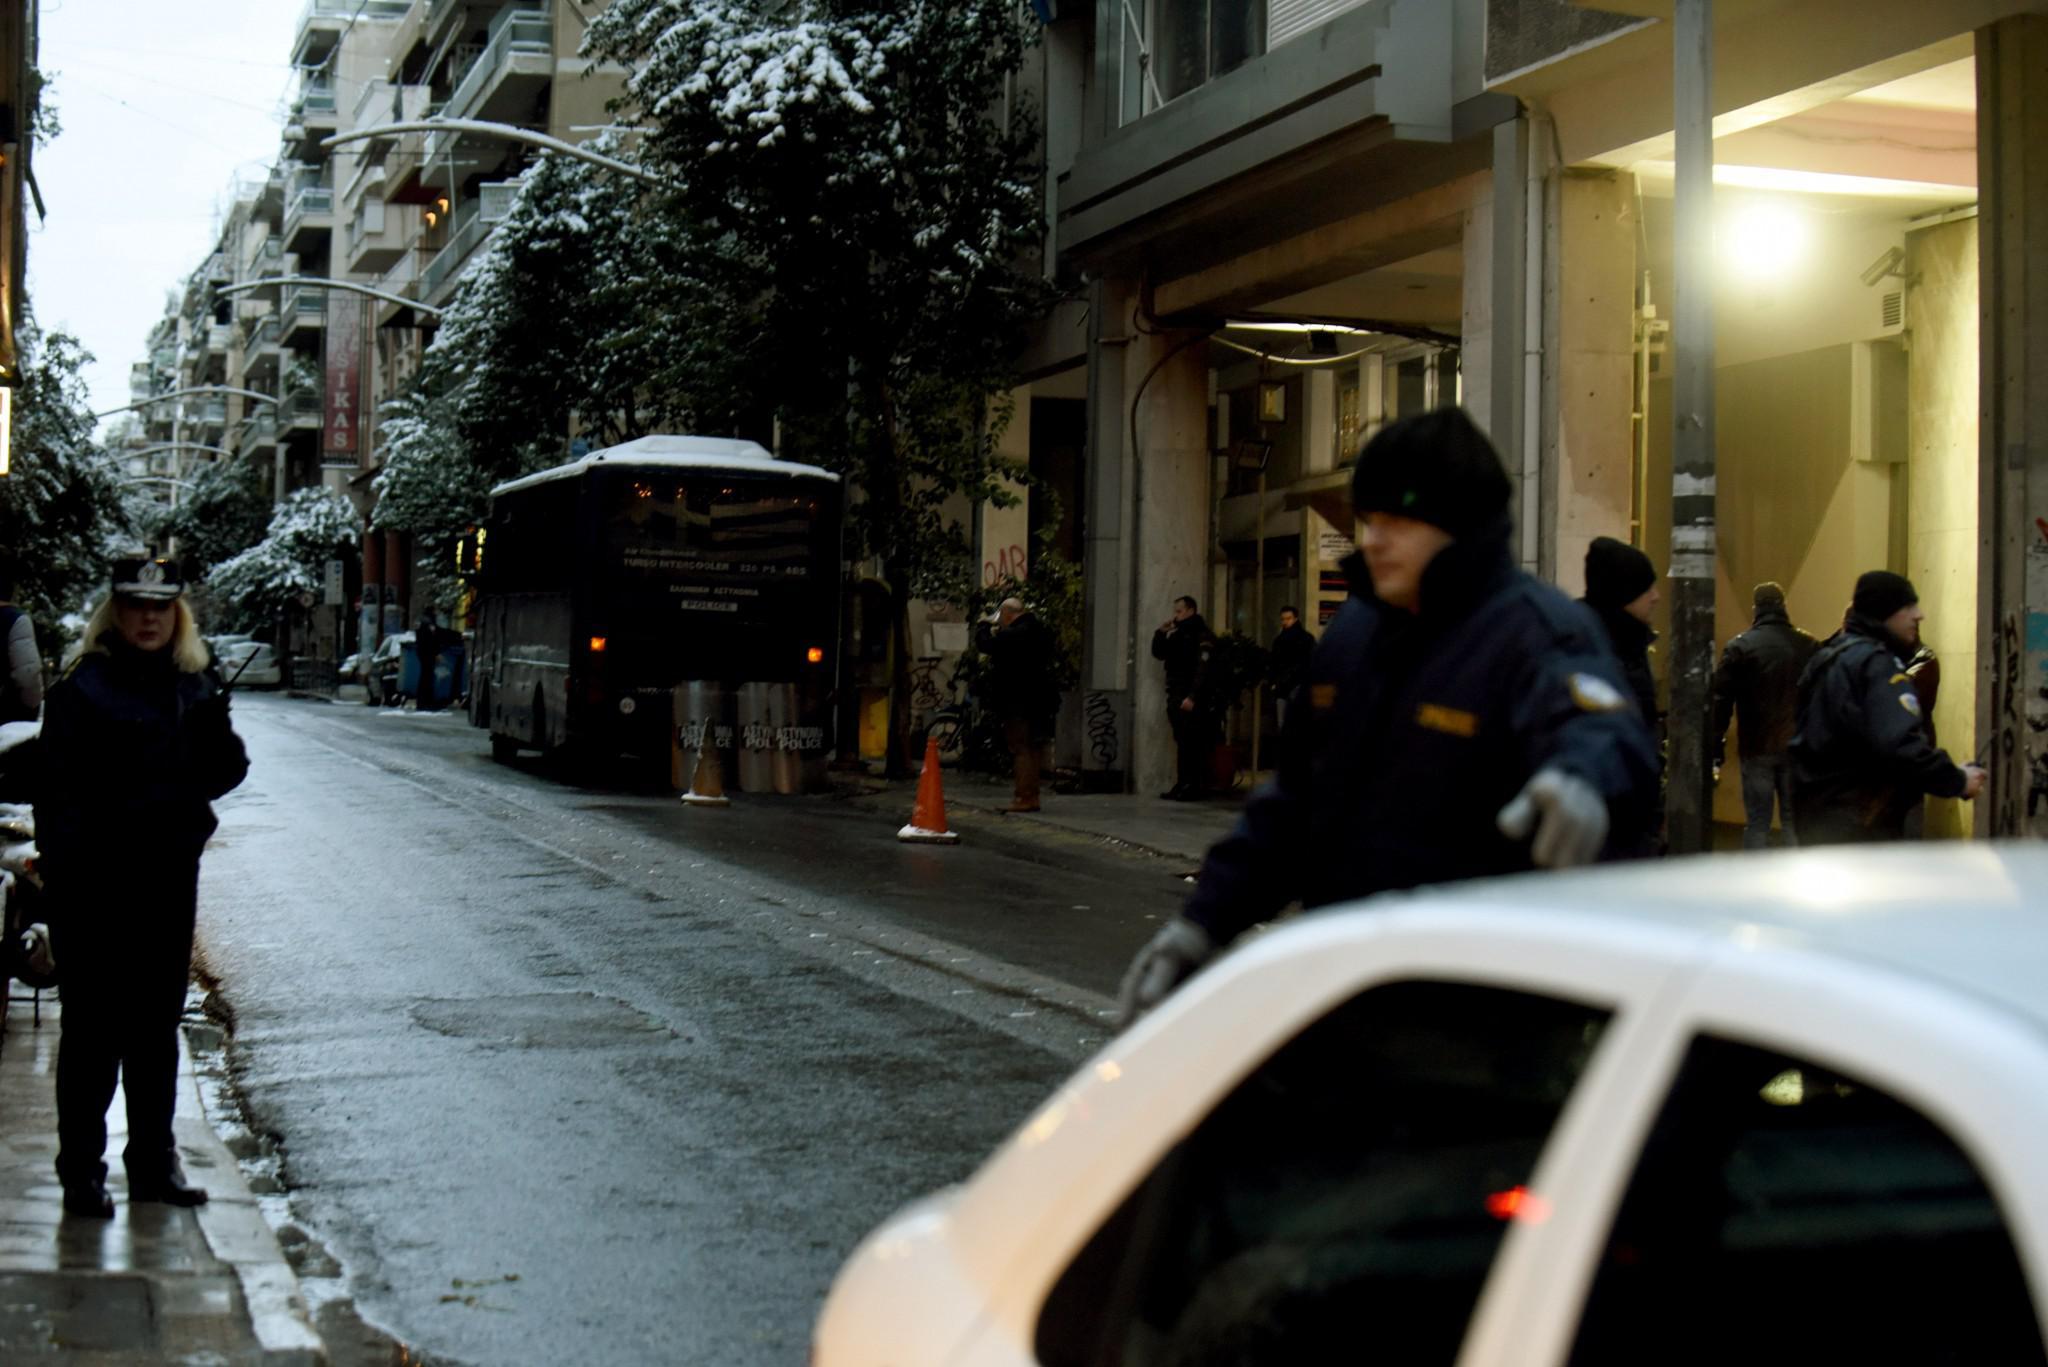 purovolismoi-grafeia-pasok-mat-traumatias-3 Πώς η «Επαναστατική Αυτοάμυνα» τραυμάτισε αστυνομικό έξω από τα γραφεία του ΠΑΣΟΚ